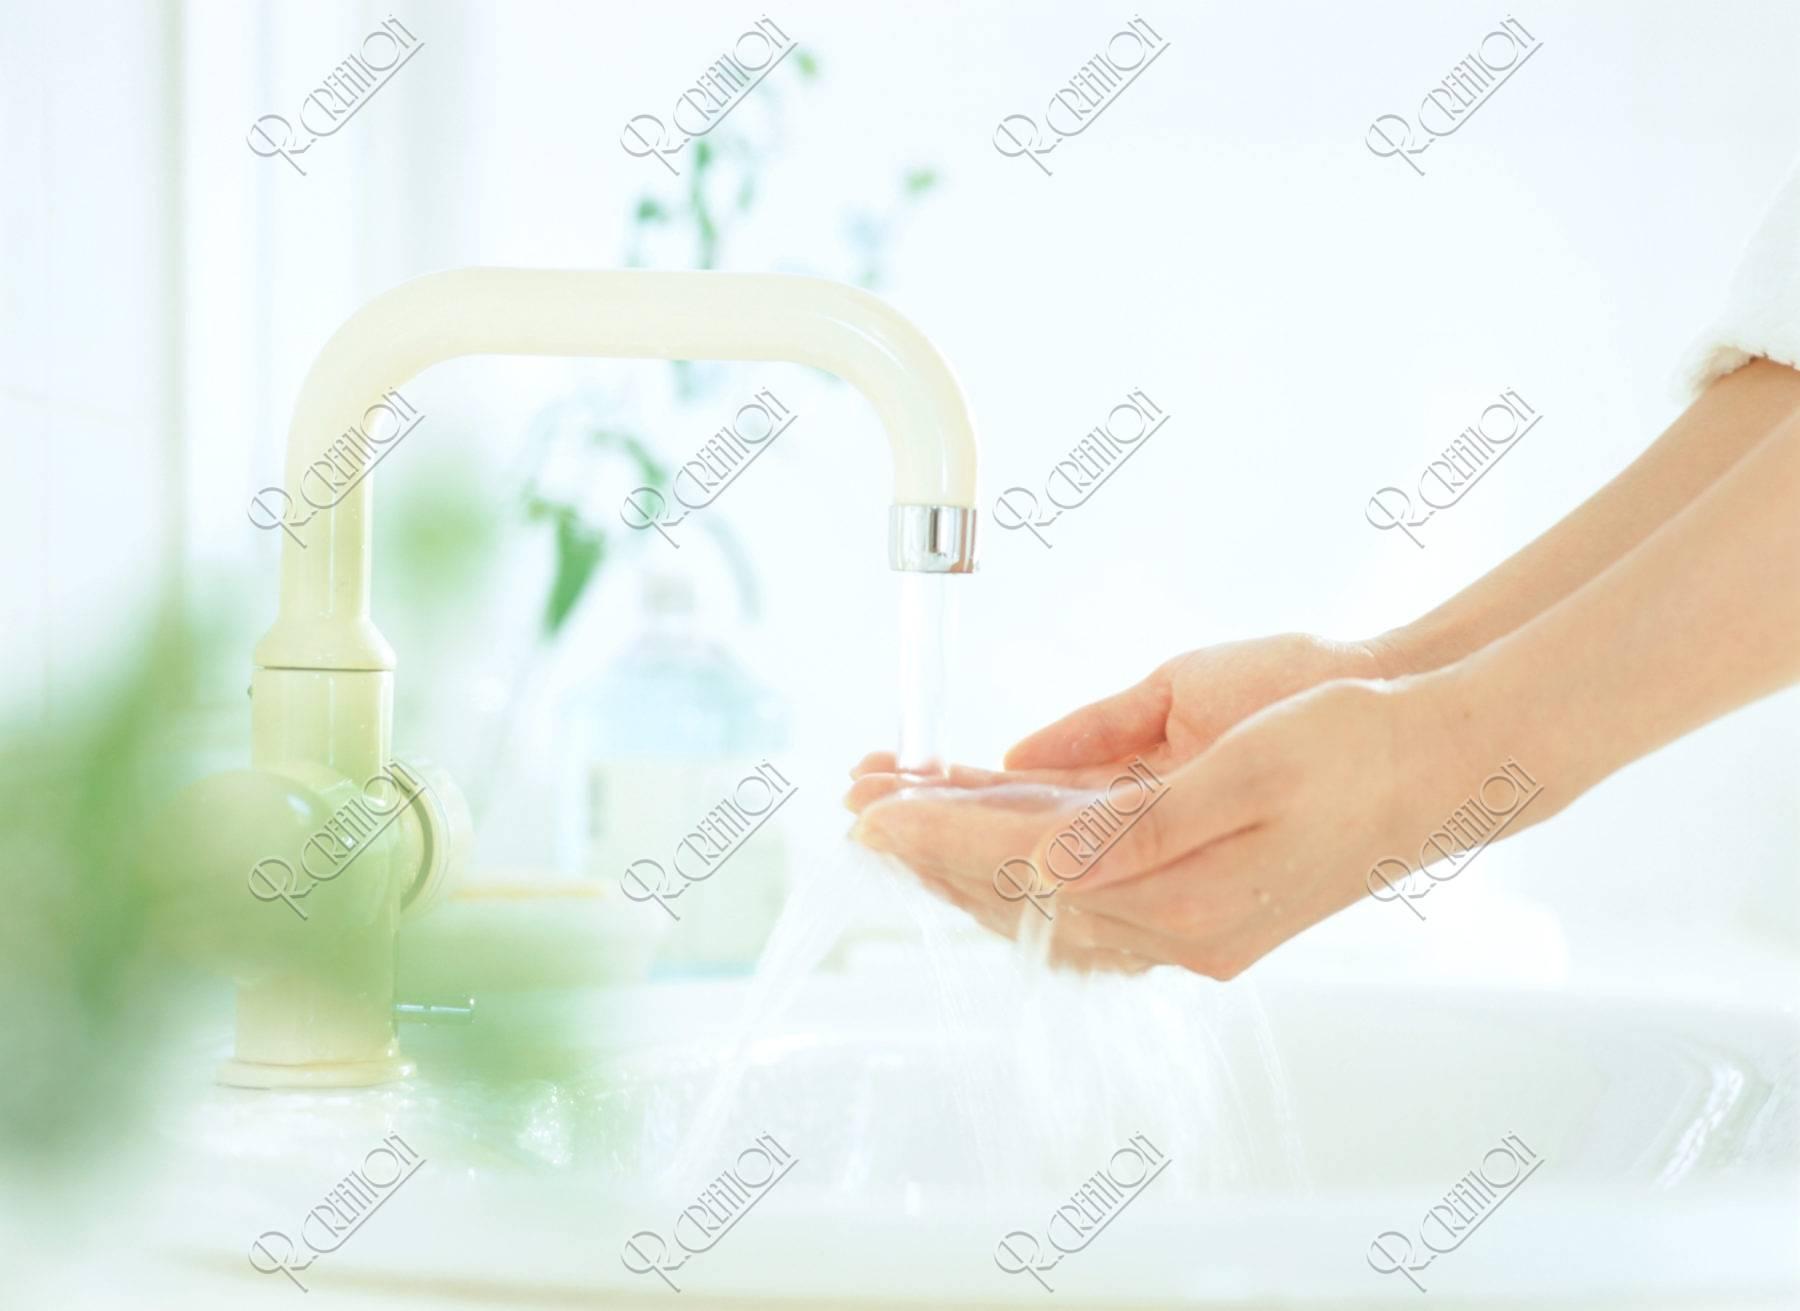 水を受ける手